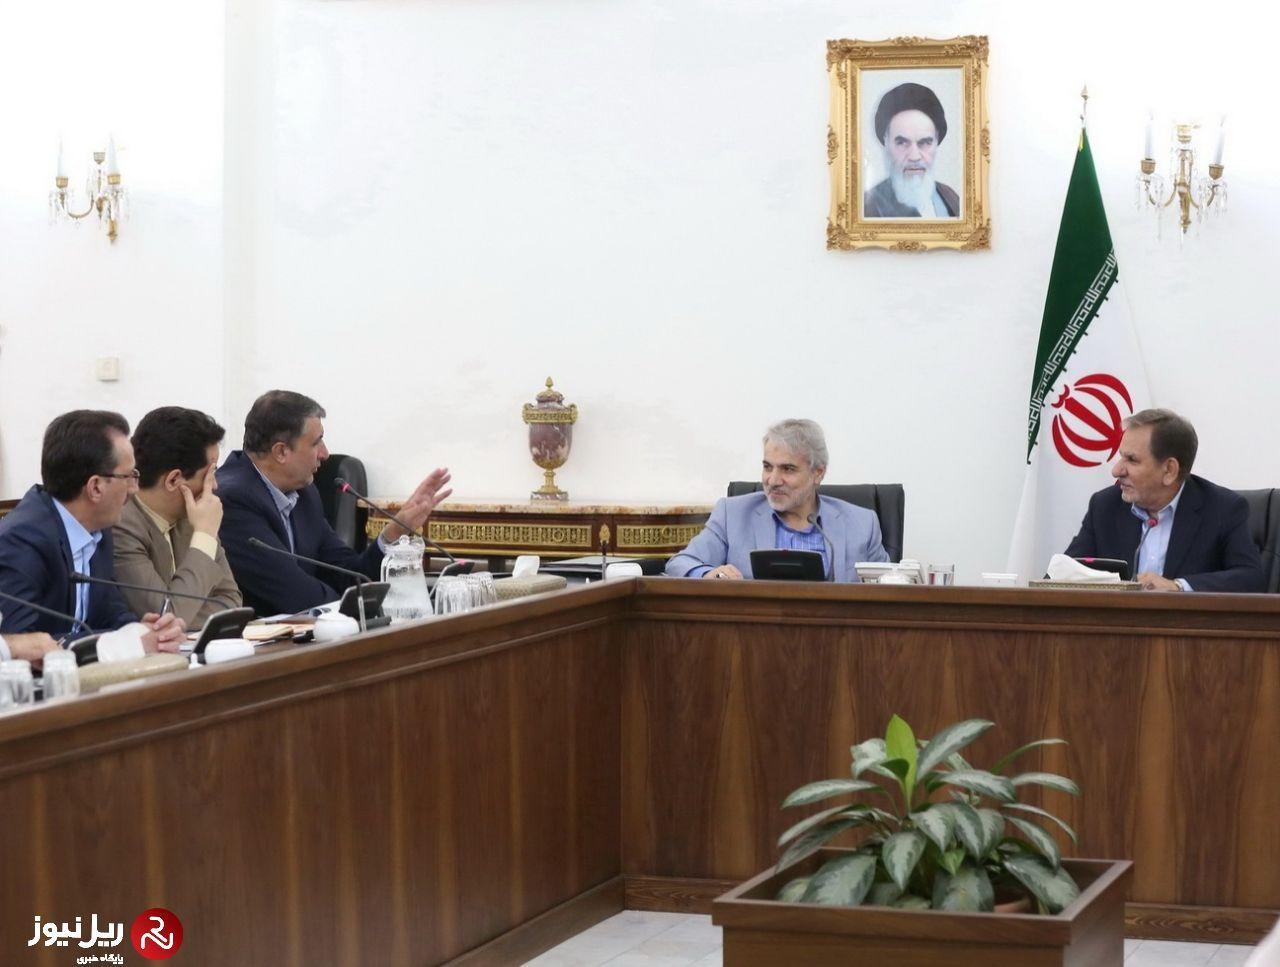 پروژه قطار سریع السیر تهران – قم – اصفهان بعنوان پروژهای ملی باید هرچه سریعتر تعیین تکلیف شود